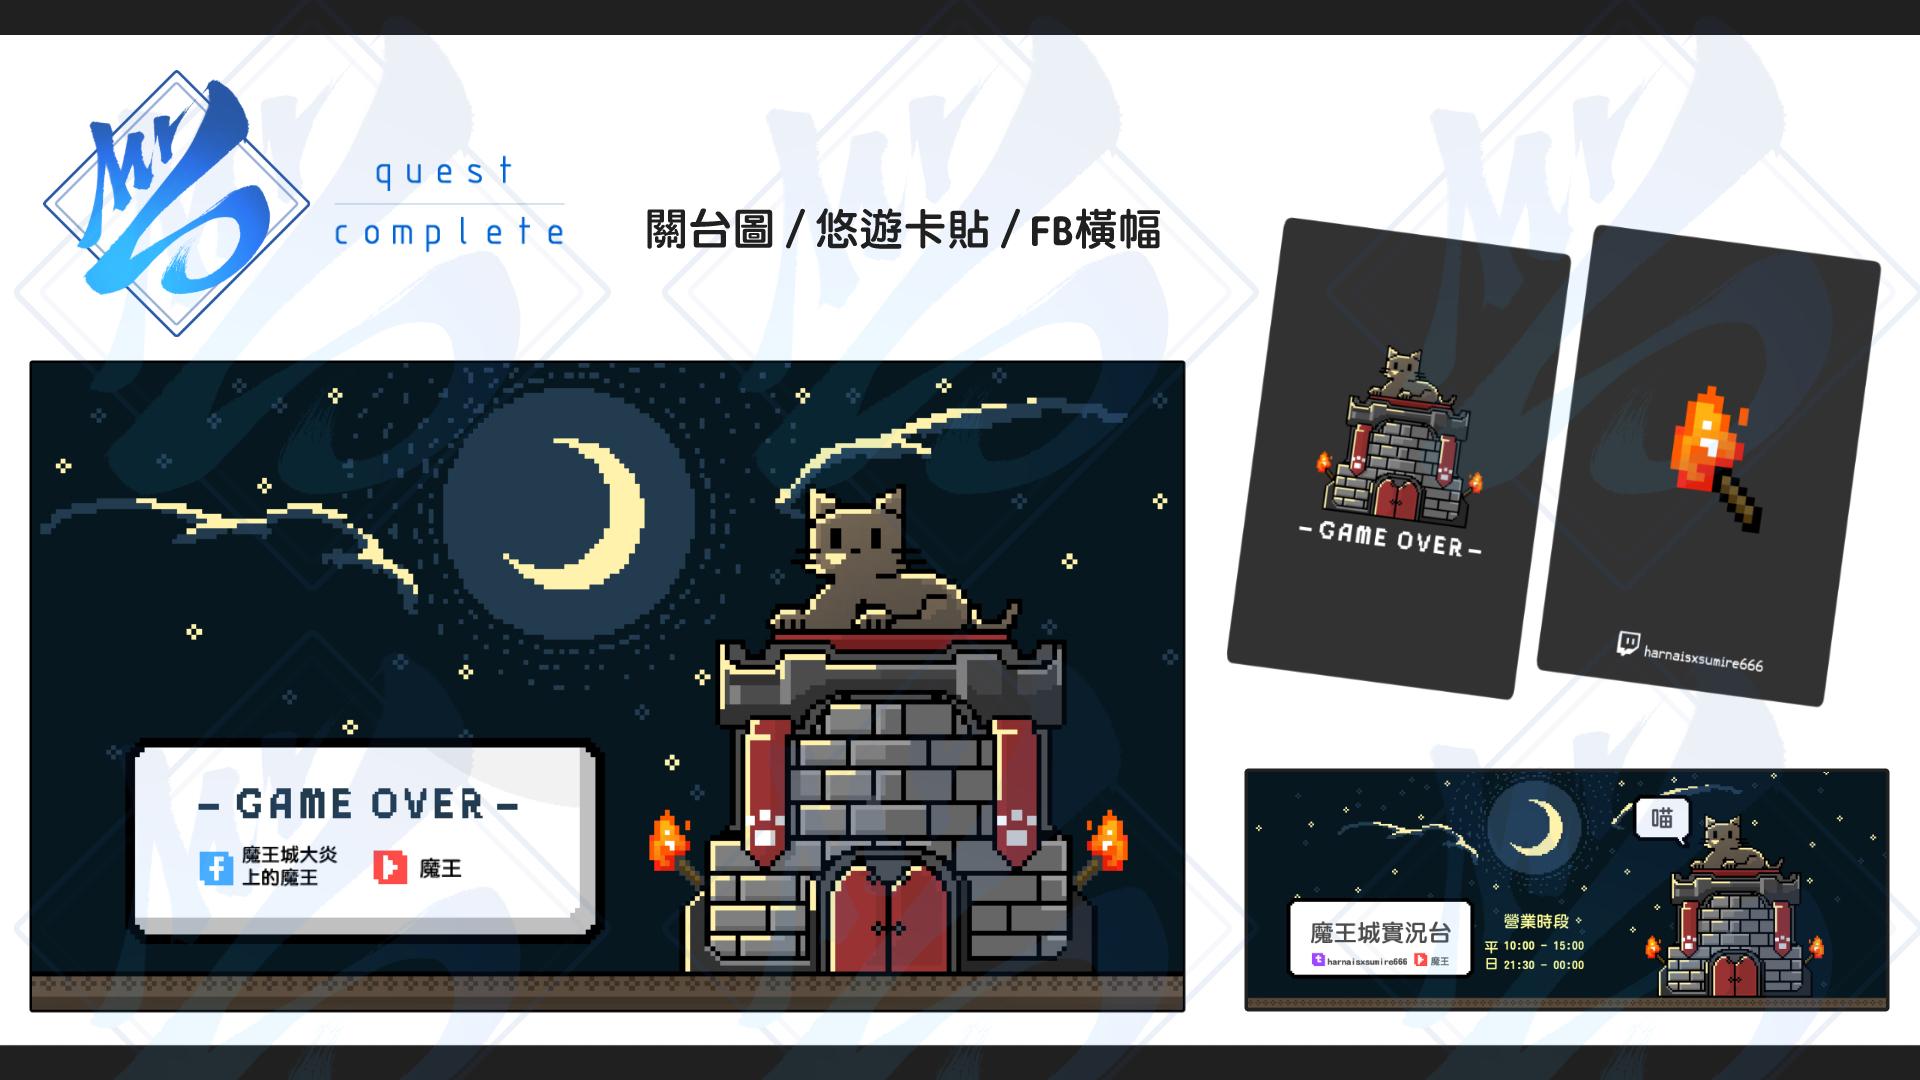 委託人:魔王 | harnaisxsumire666